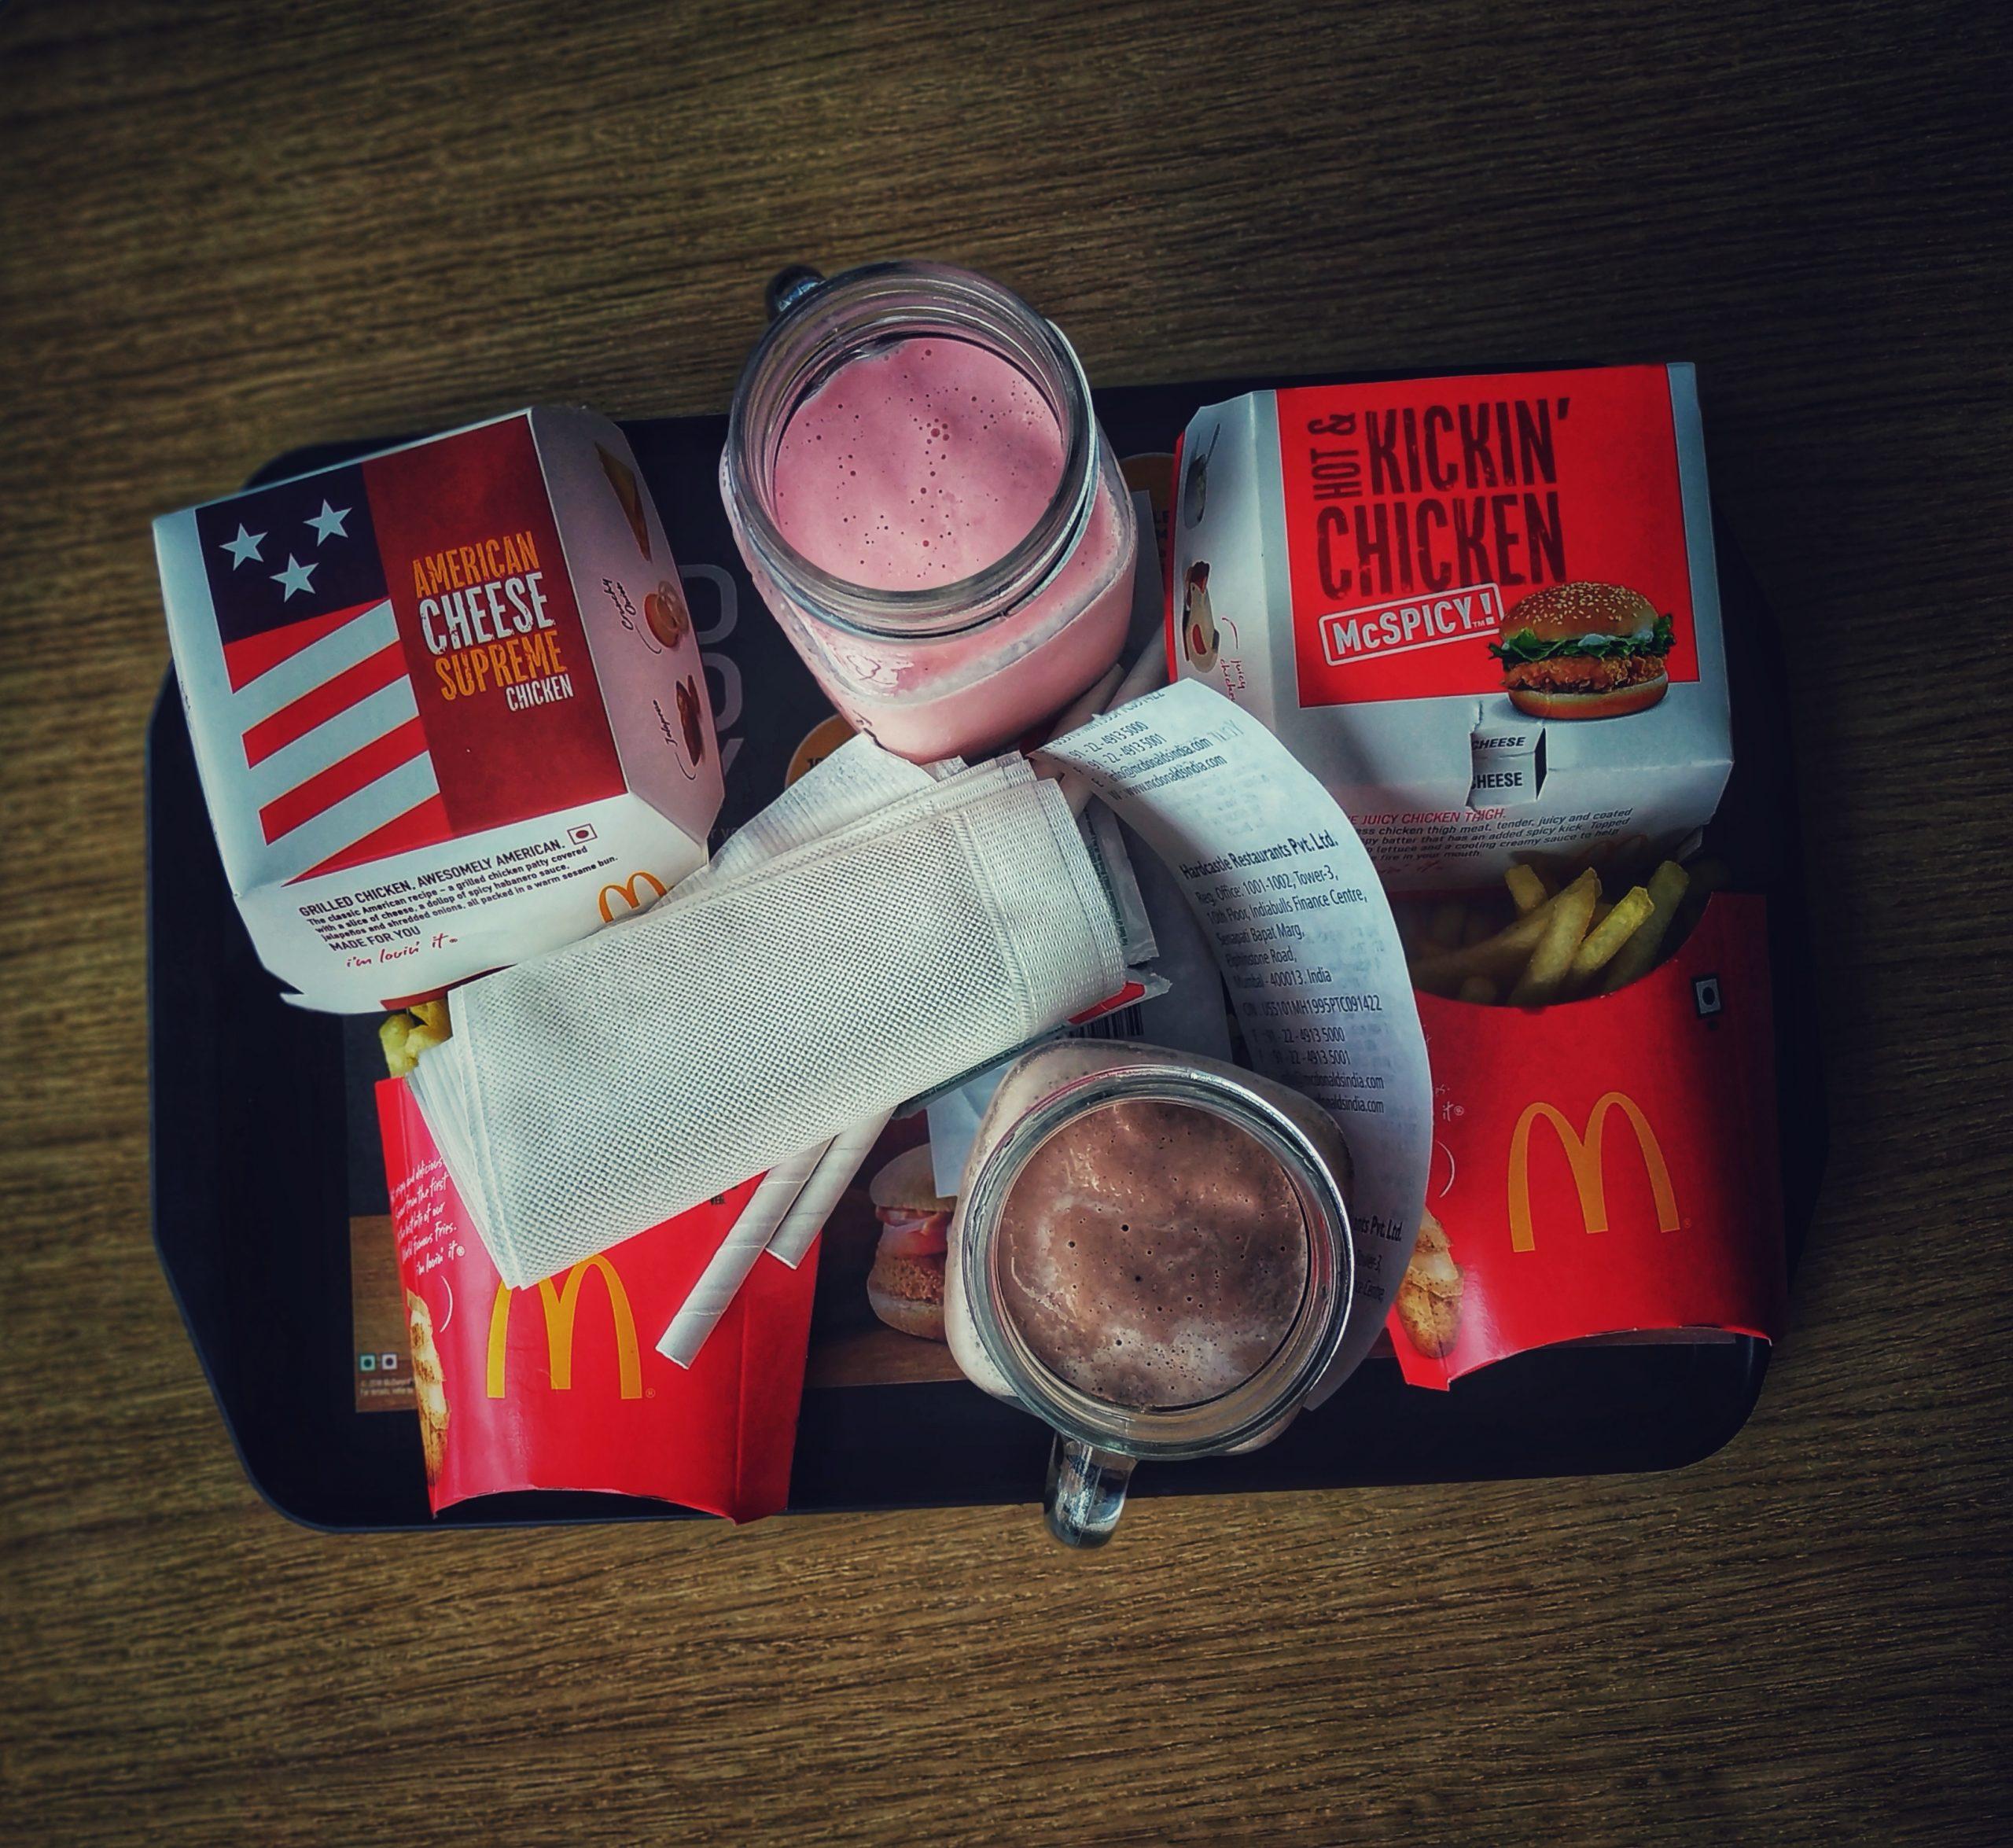 Mc Donald's Meal